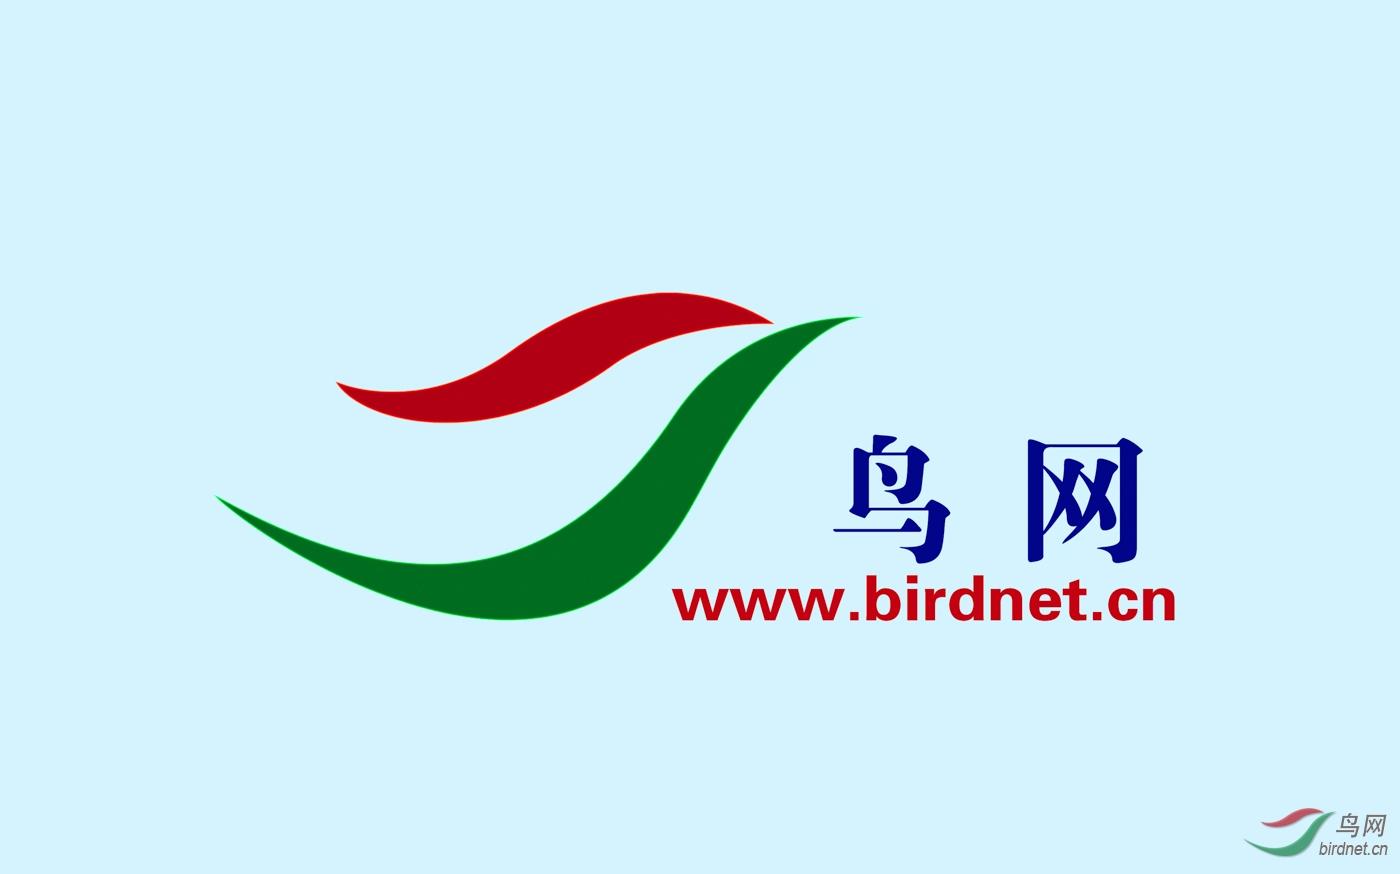 11105-鸟网LOGO.jpg